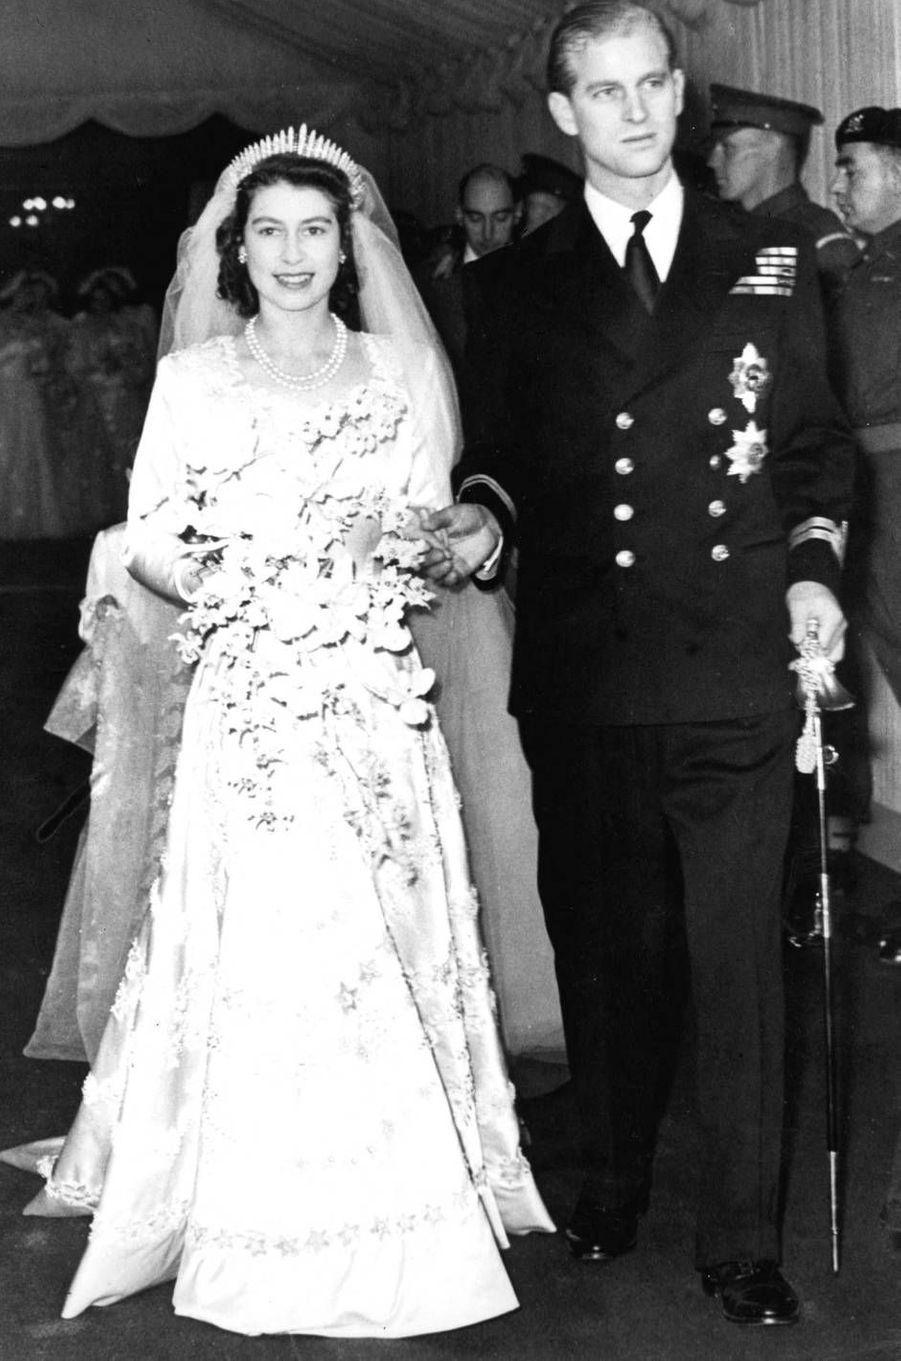 La reine Elizabeth II lors de son mariage au prince Philip, en 1947. Elle portait la Queen Mary Tiara.